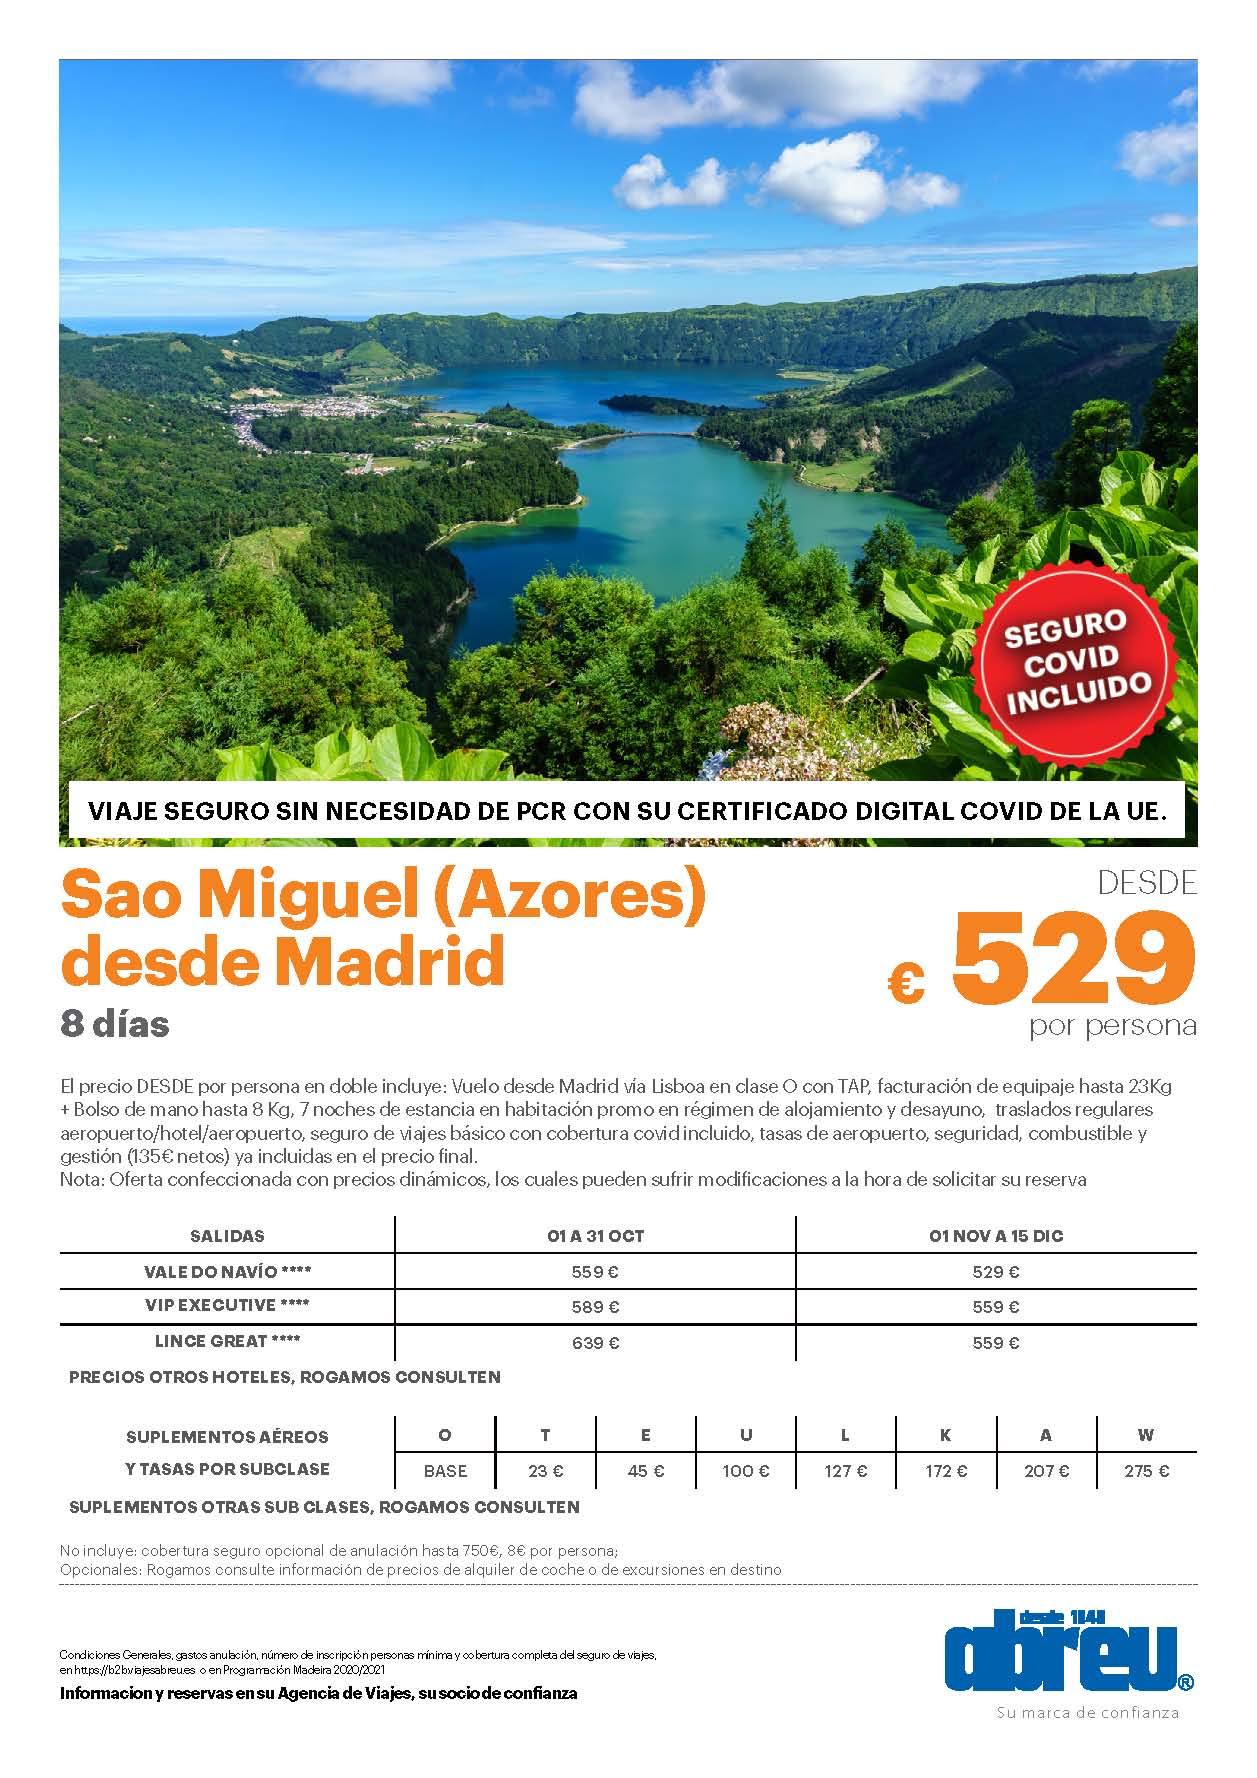 Oferta Abreu Azores Isla de Sao Miguel Octubre Noviembre y Diciembre 2021 salidas desde Madrid